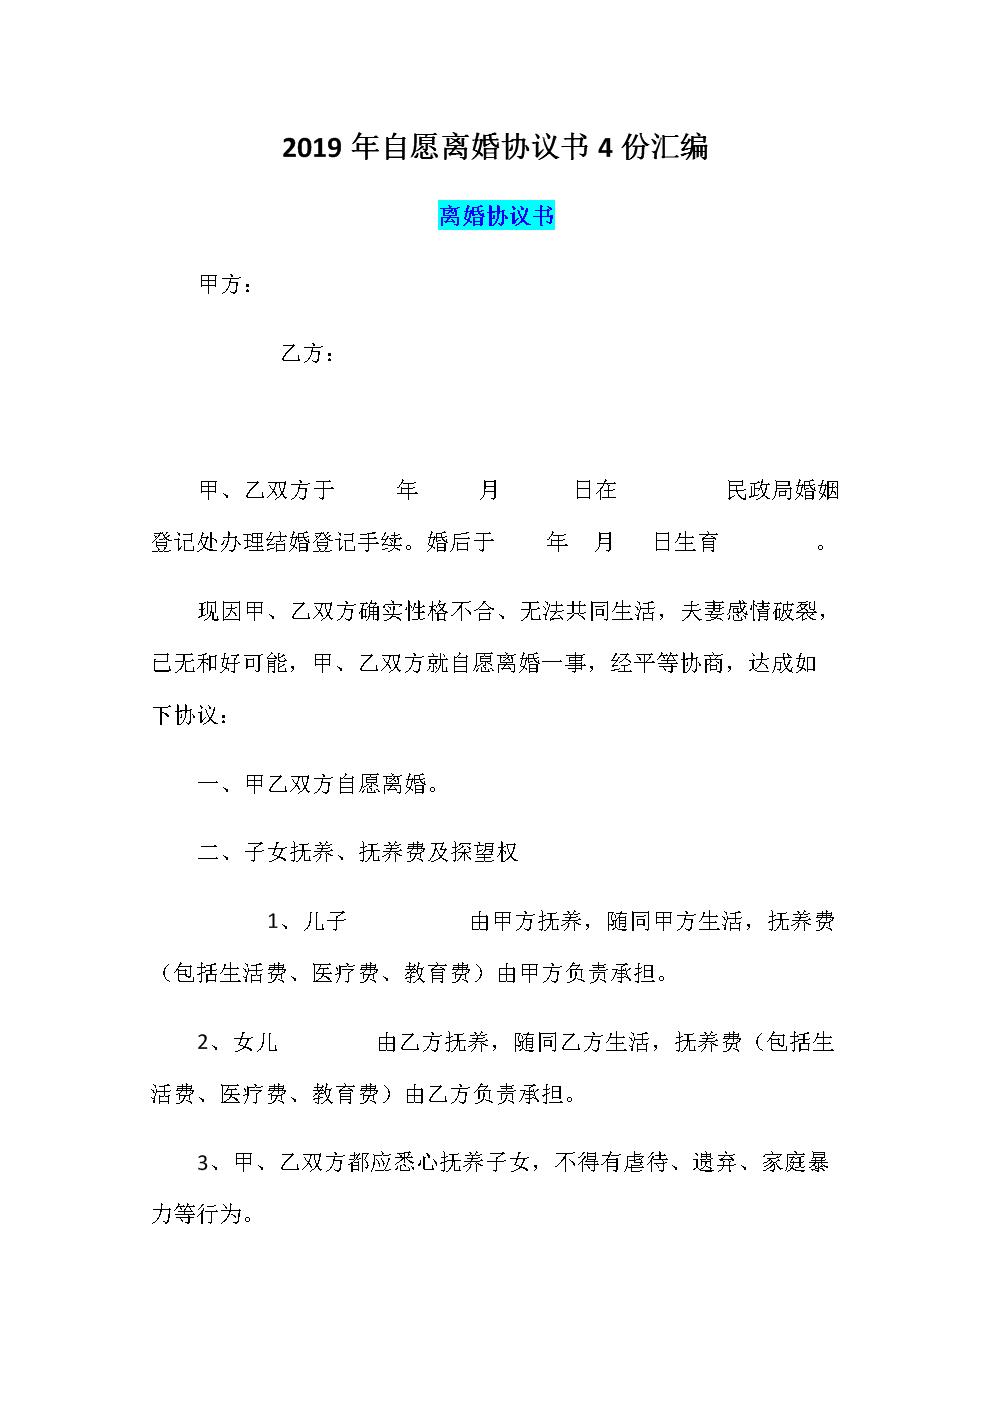 2019年自愿离婚协议书4份汇编.docx图片